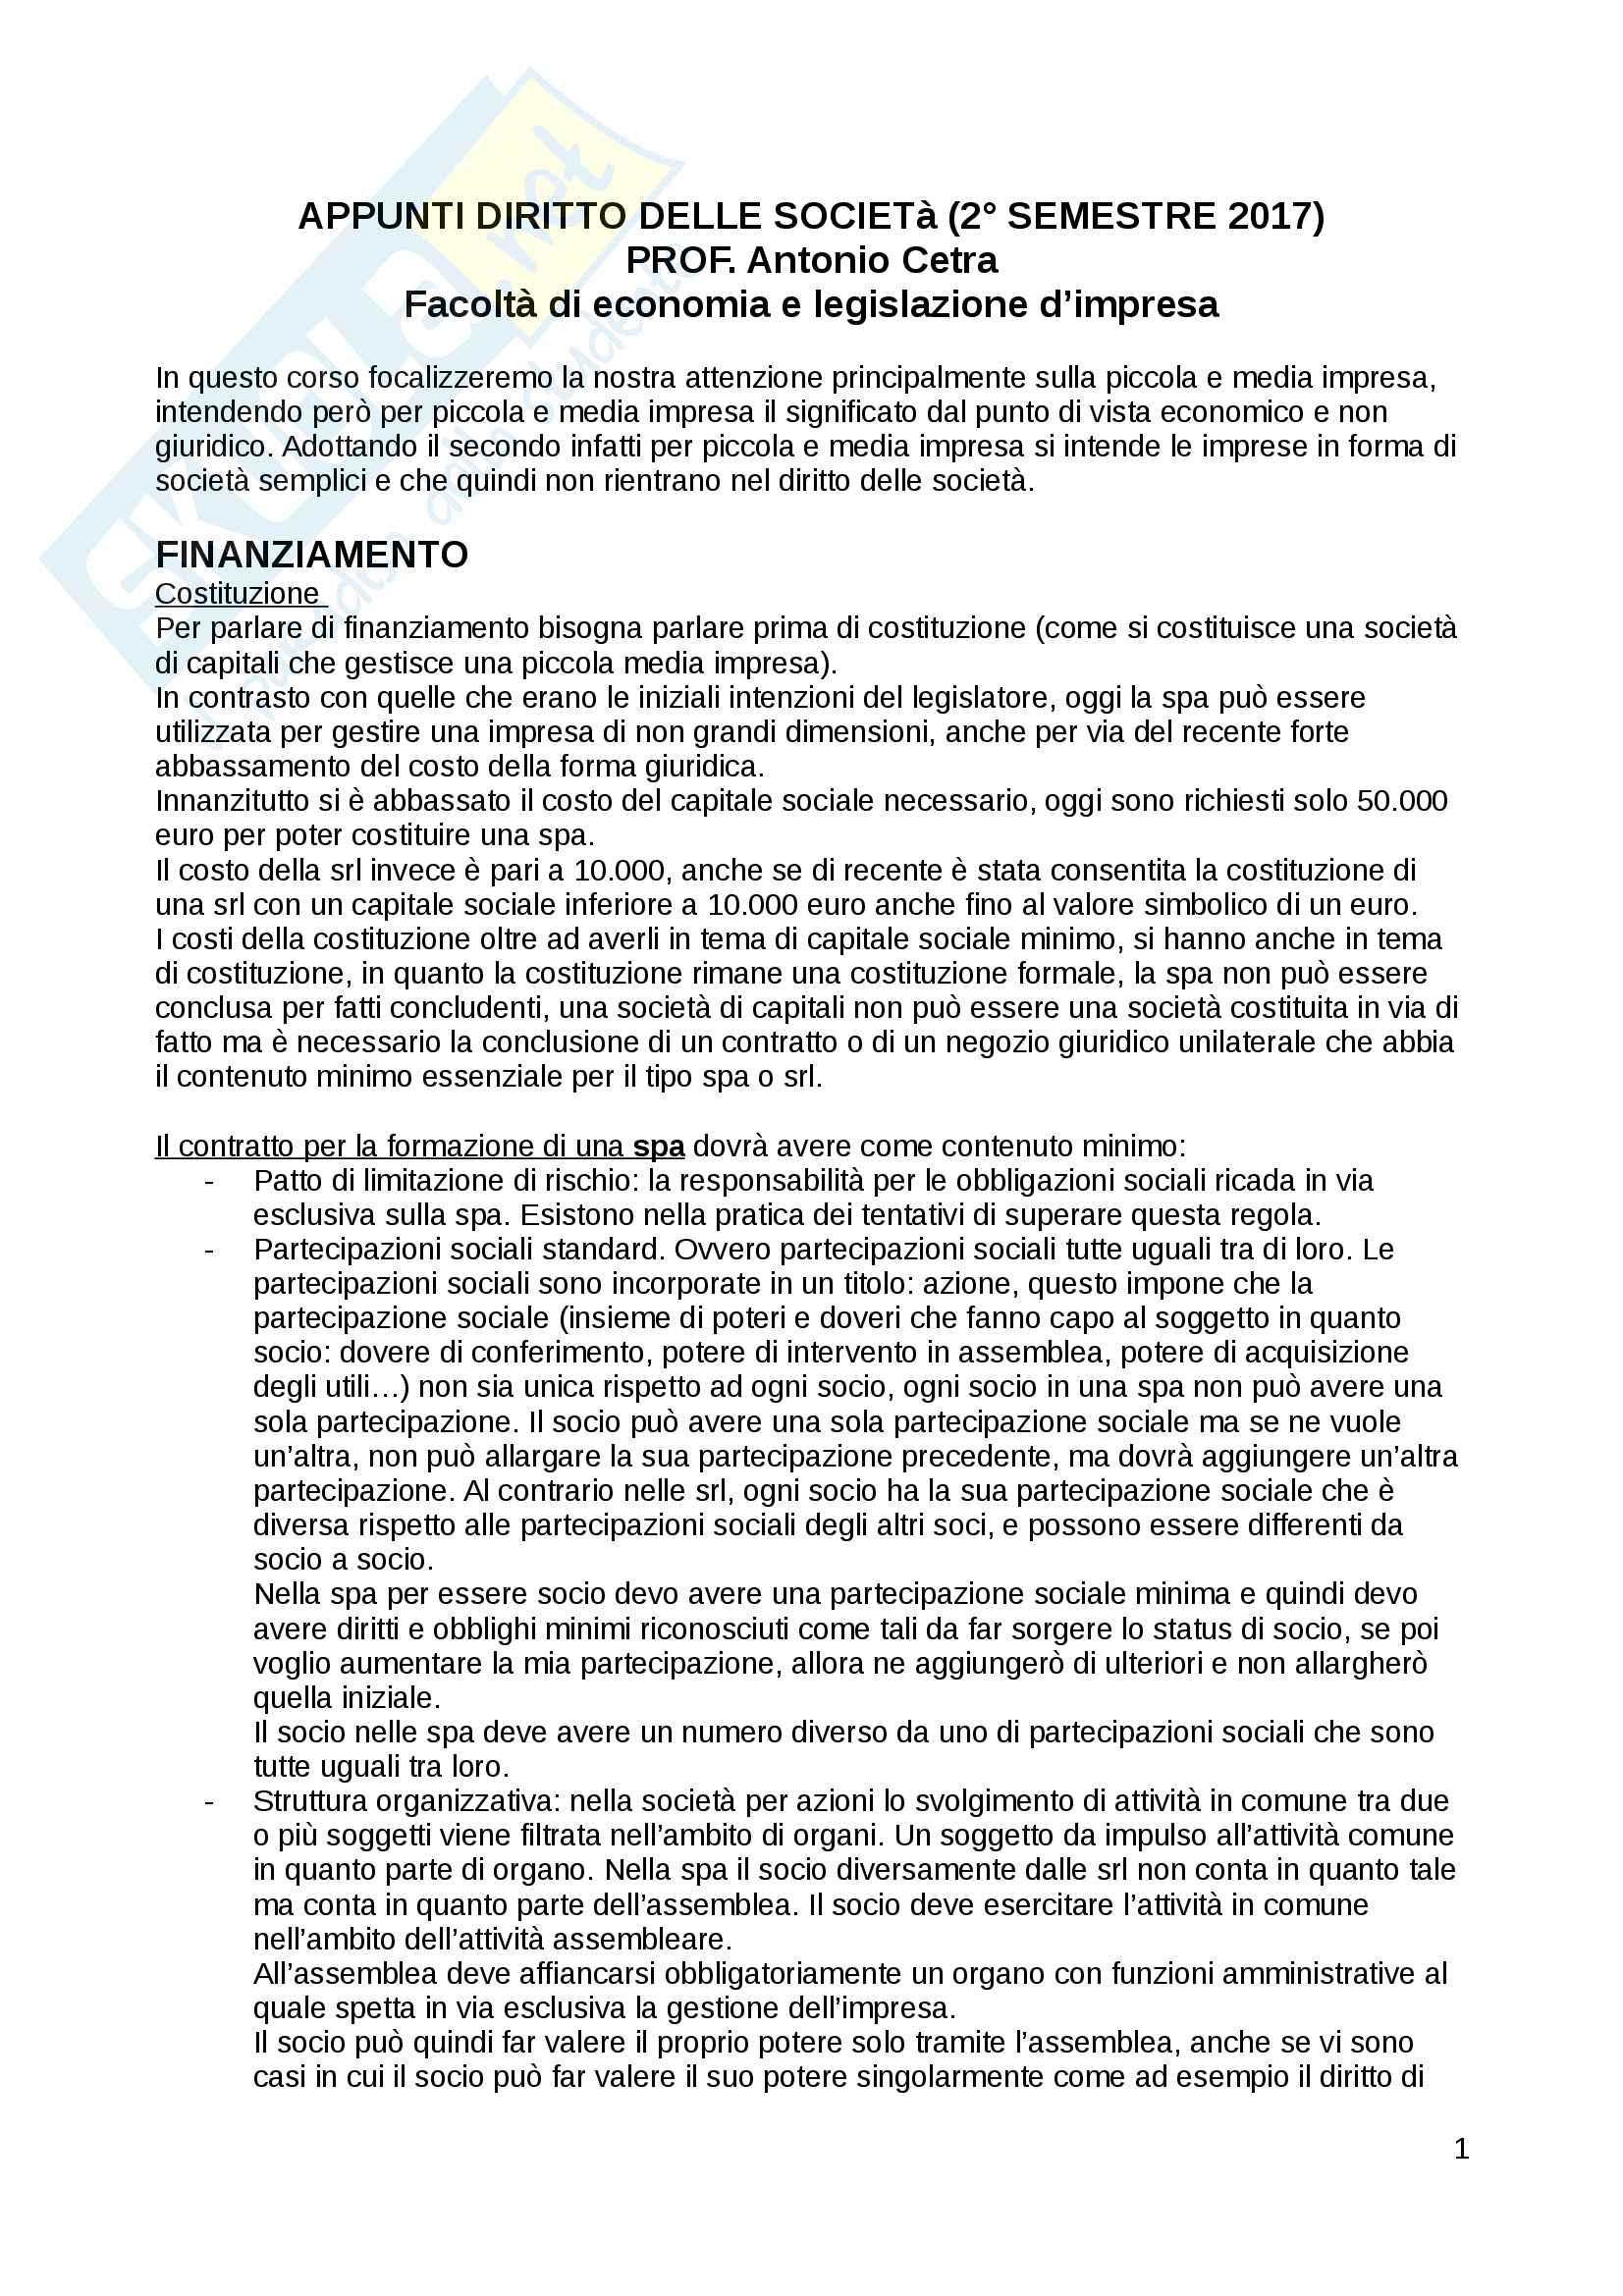 Appunti di diritto delle società validi per il superamento dell'esame con Cetra